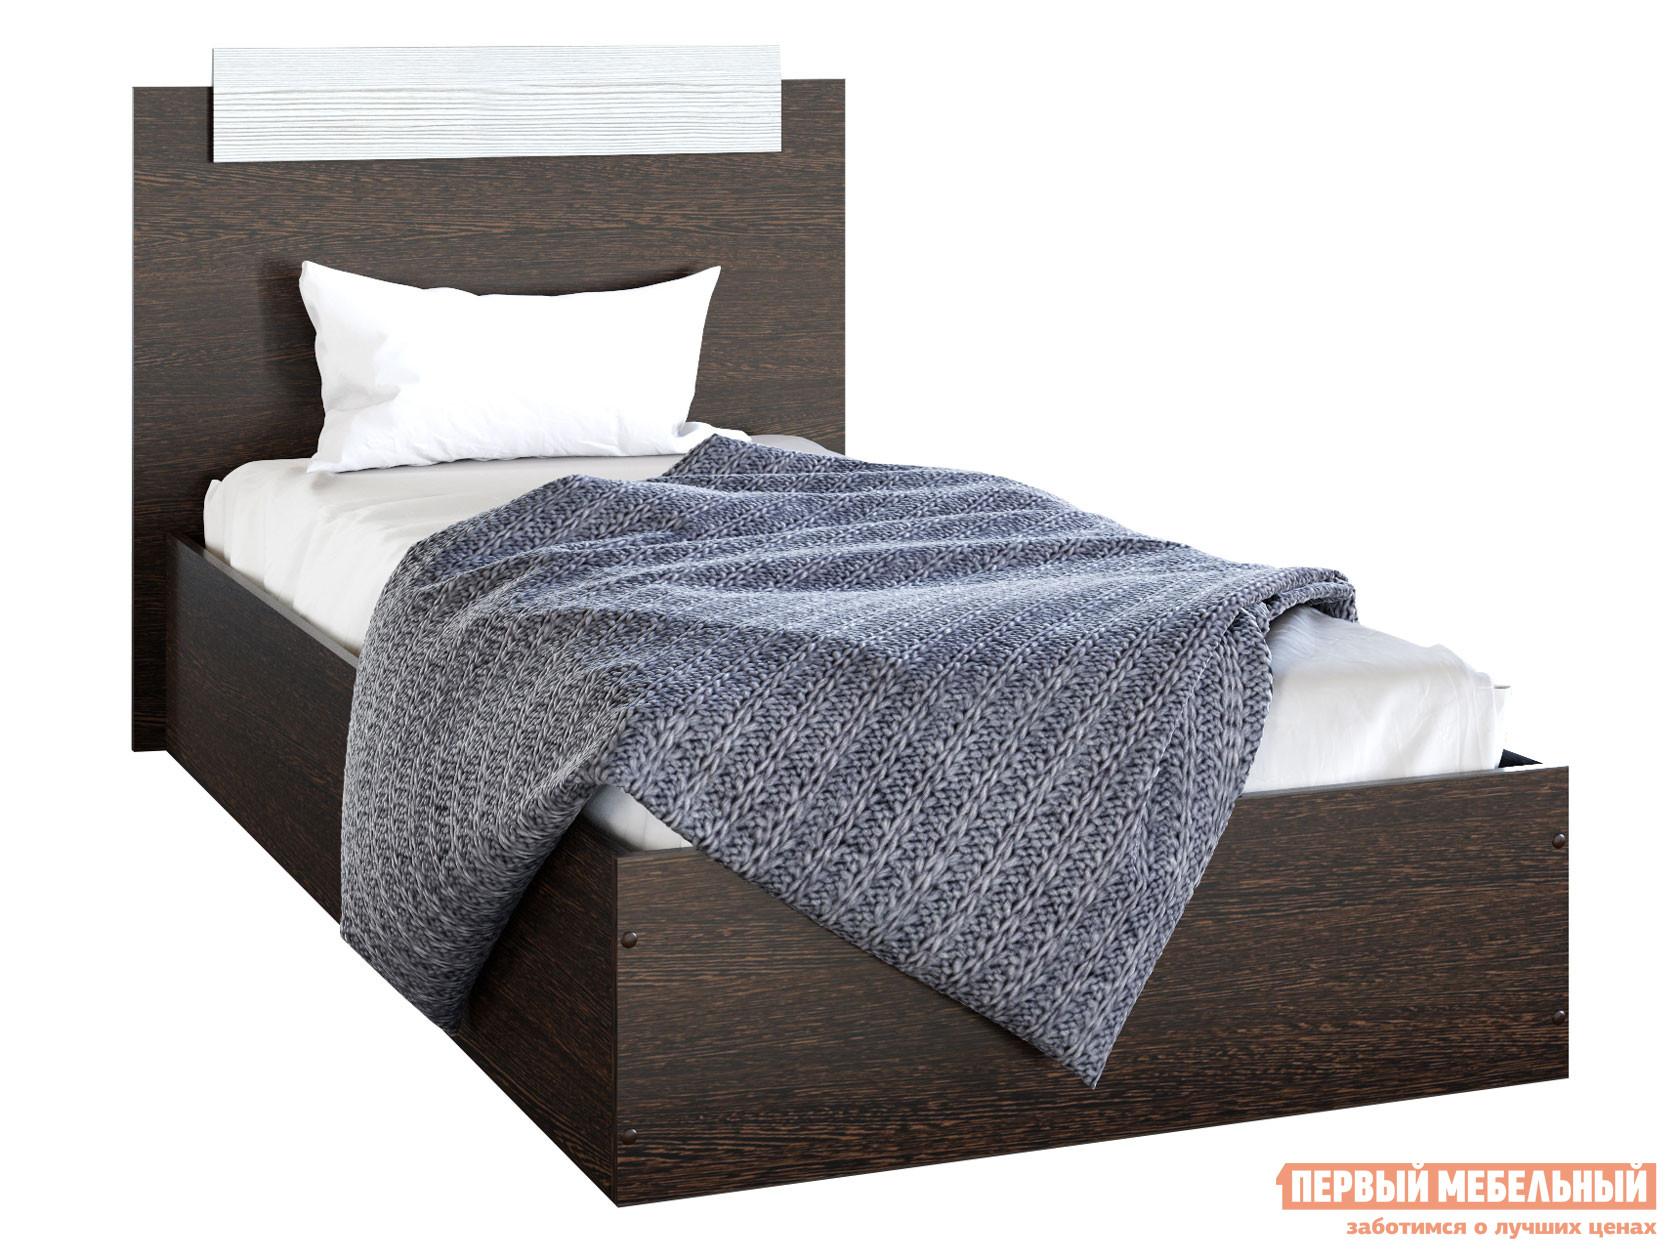 Односпальная кровать  Кровать Эко Венге / Лоредо, 900 Х 2000 мм — Кровать Эко Венге / Лоредо, 900 Х 2000 мм